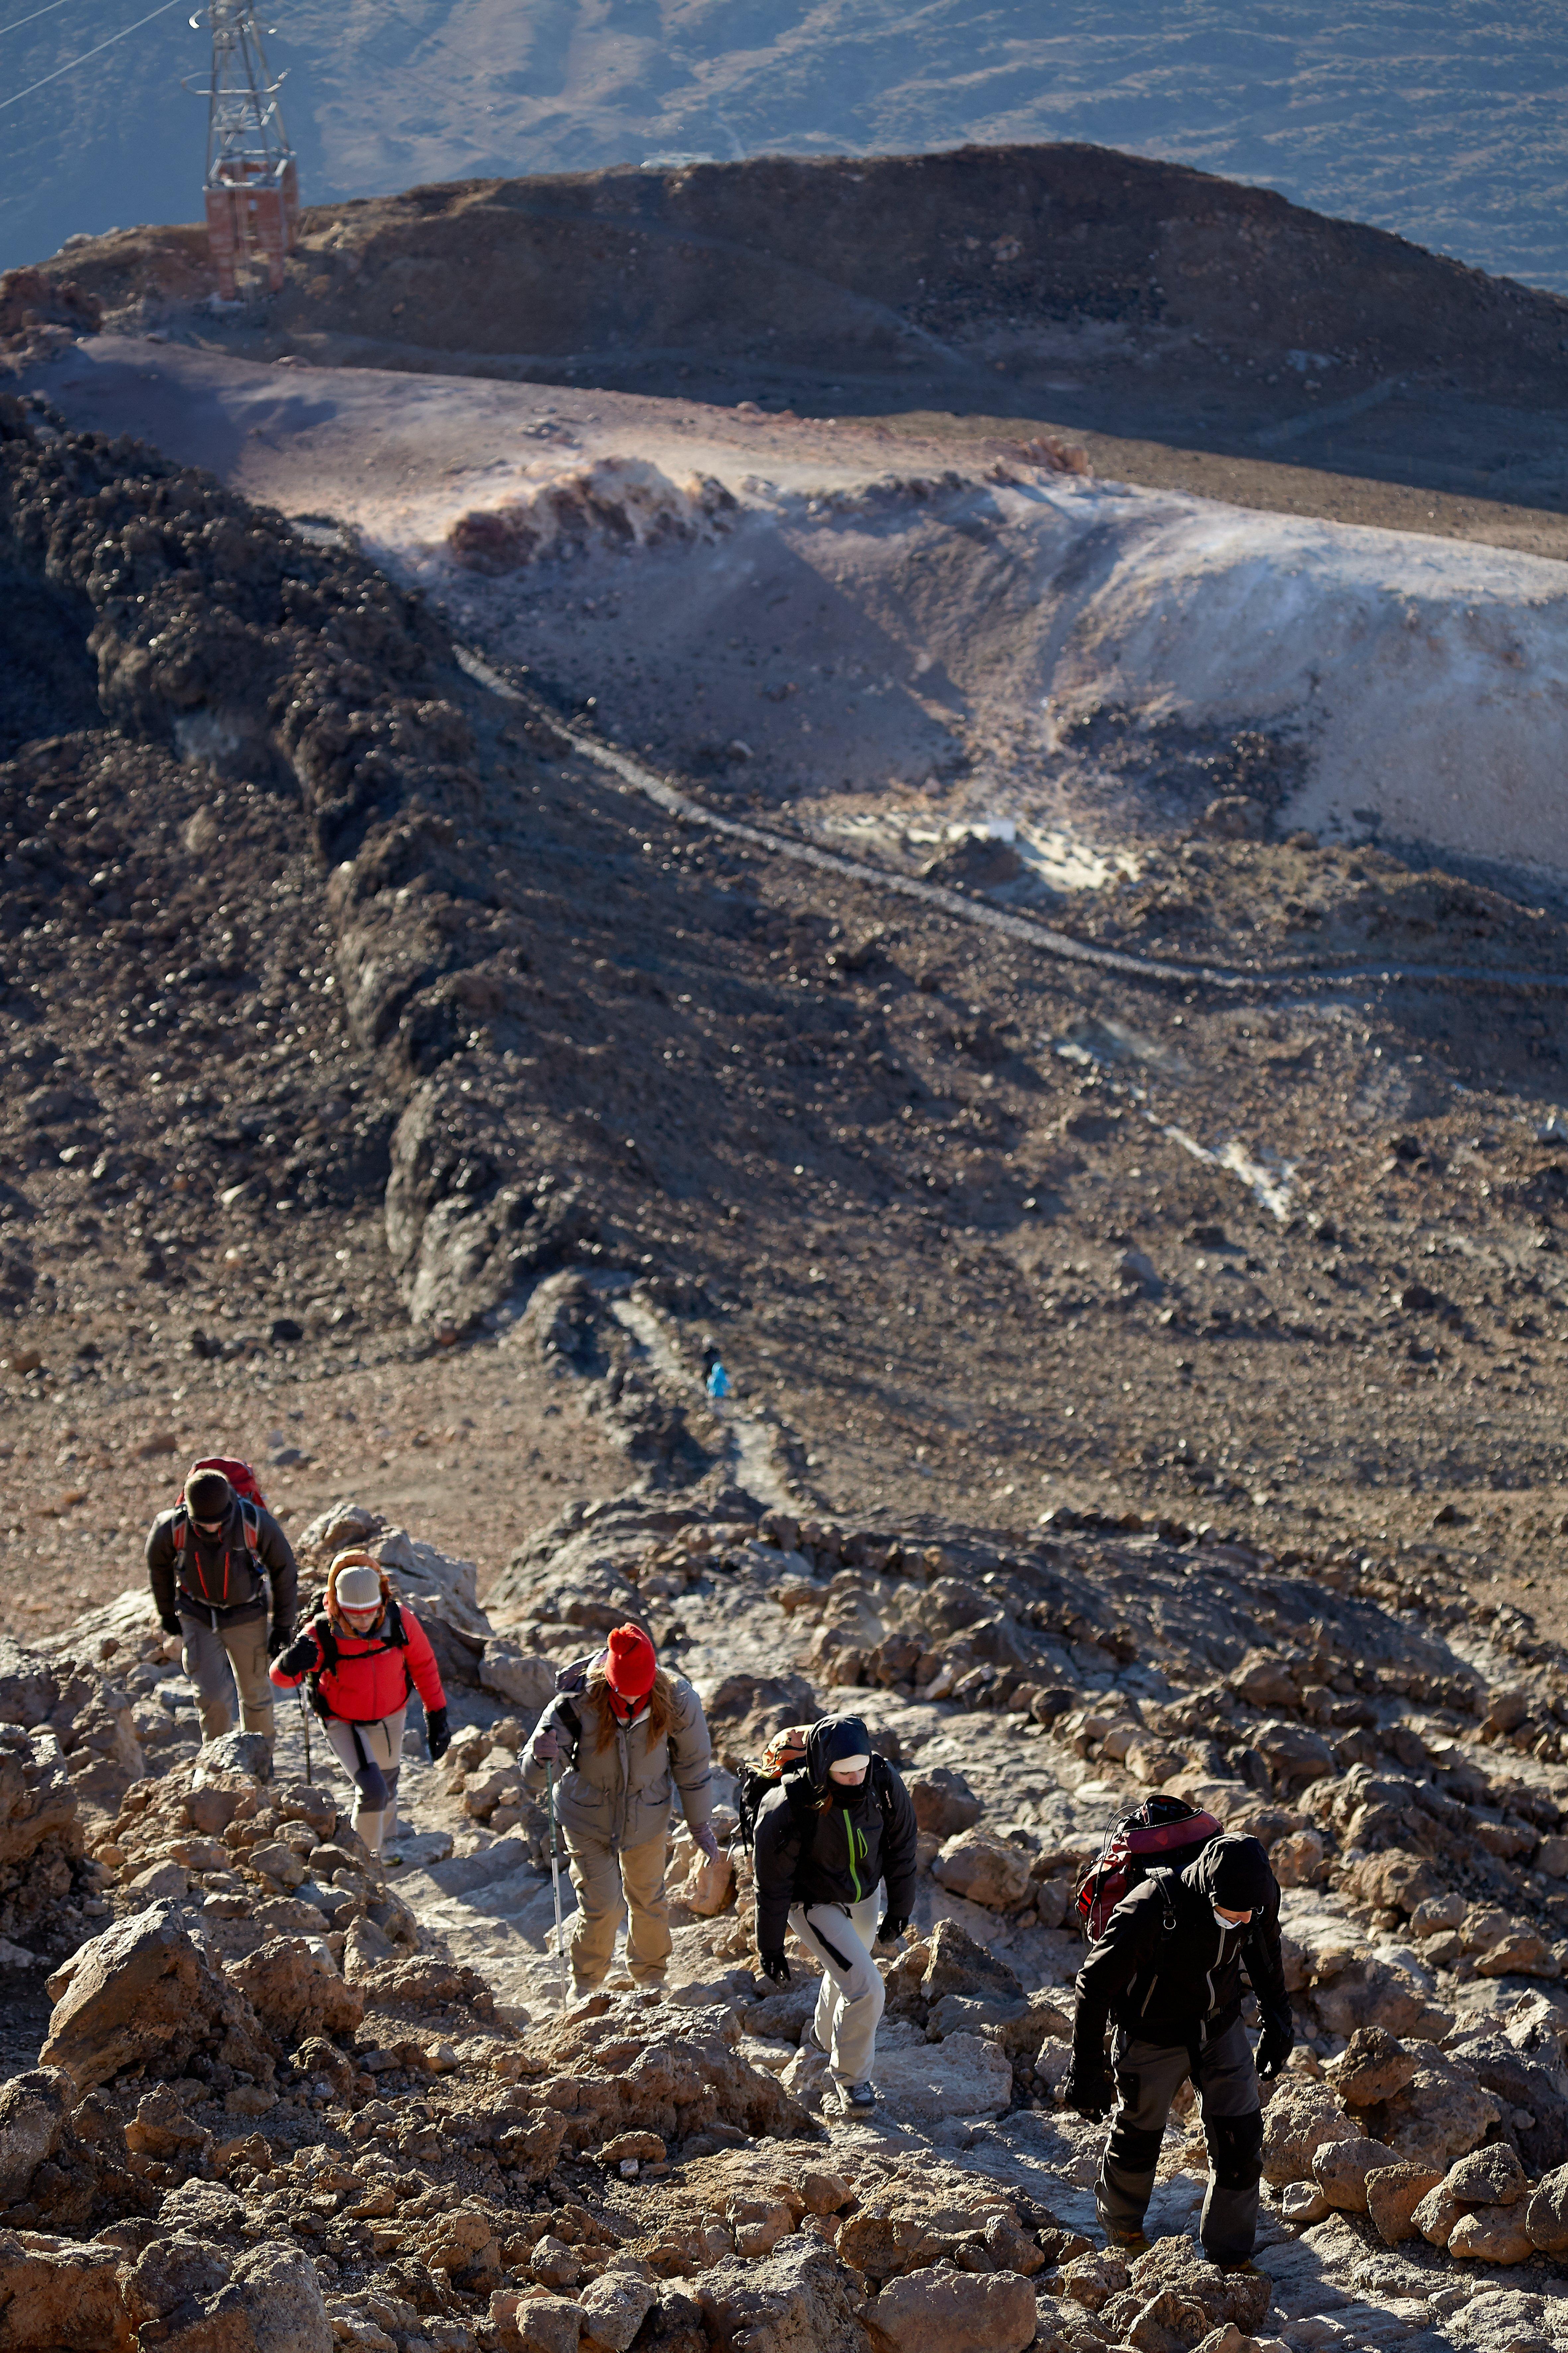 Aufstieg zu Fuß über Montaña Blanca auf den Teide